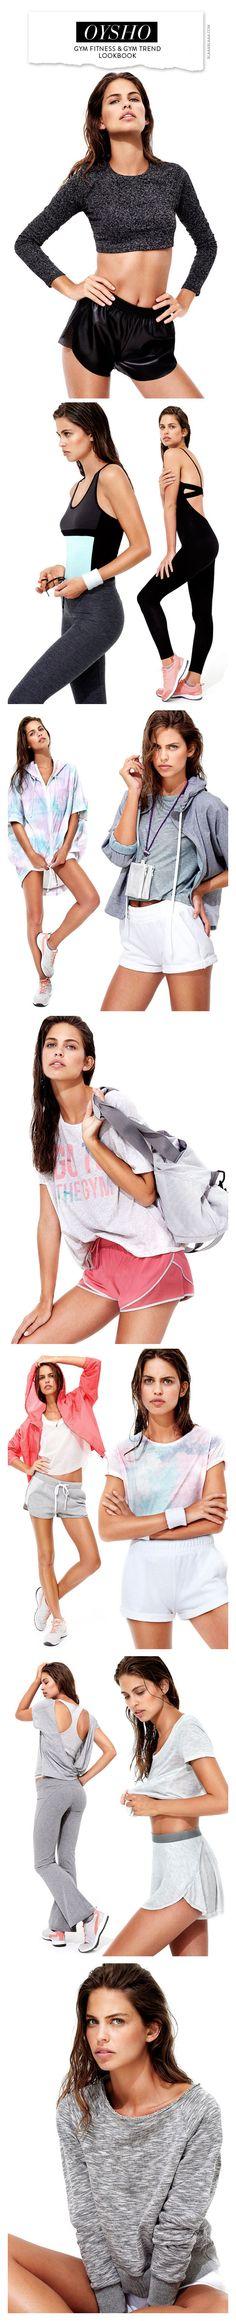 Oysho Gym Fitness & Gym Trend Lookbook